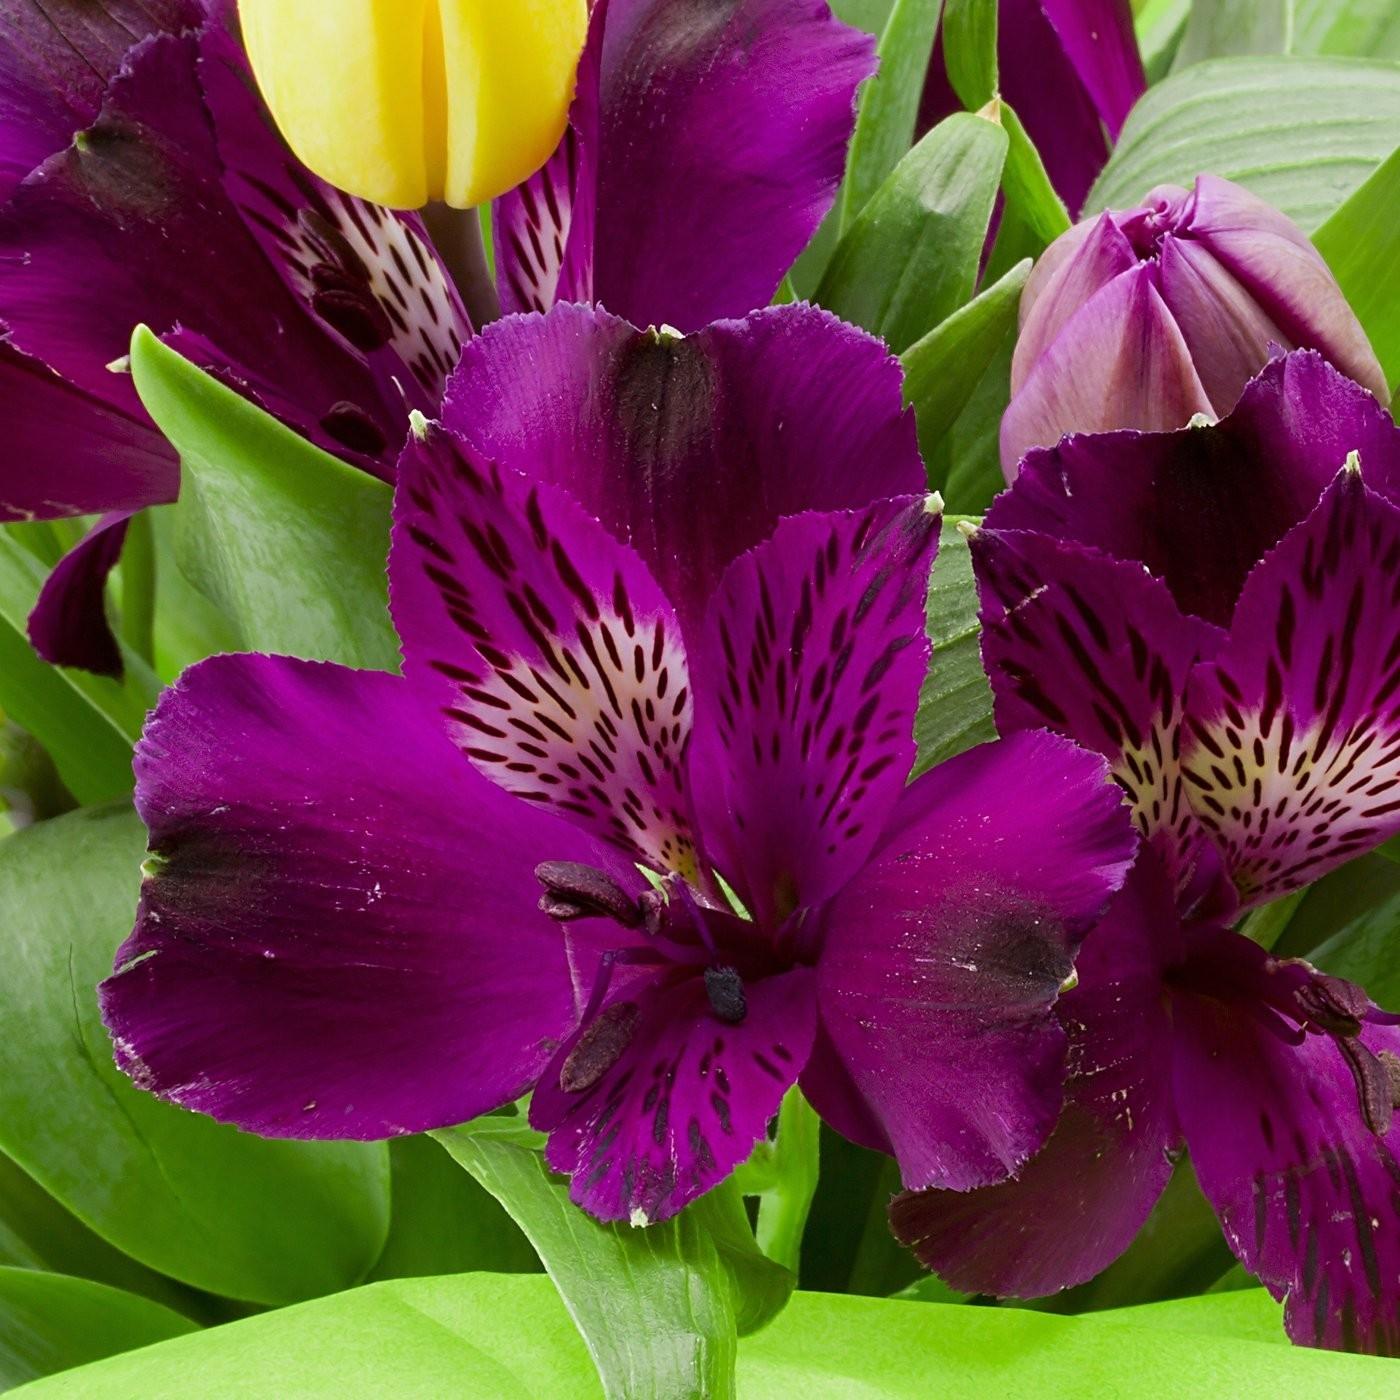 purple-alstroemeria-lily